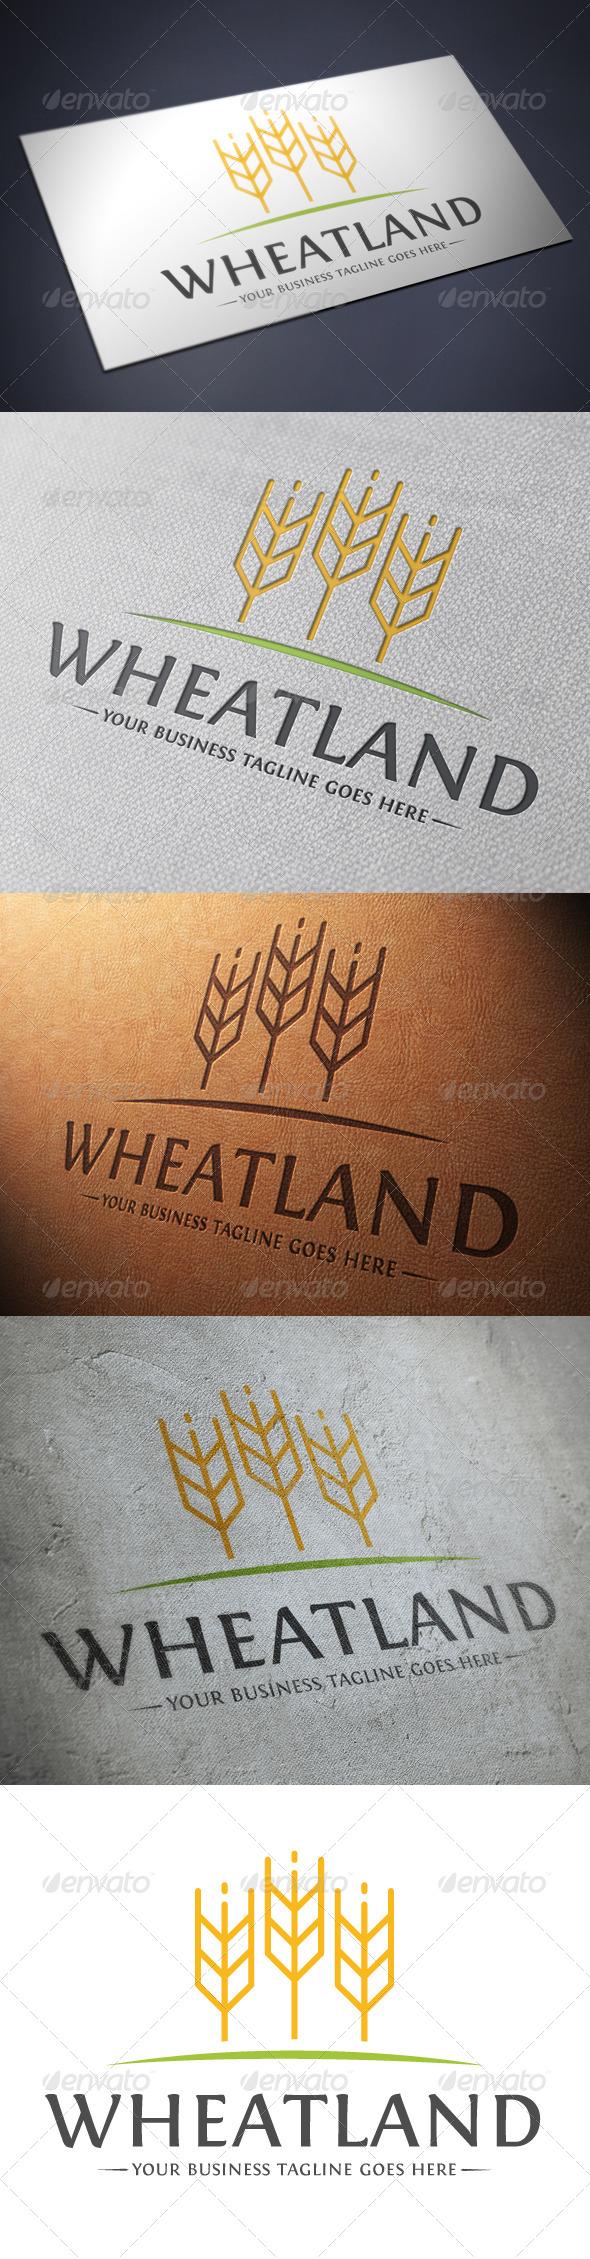 GraphicRiver Wheat Logo Template 4843909